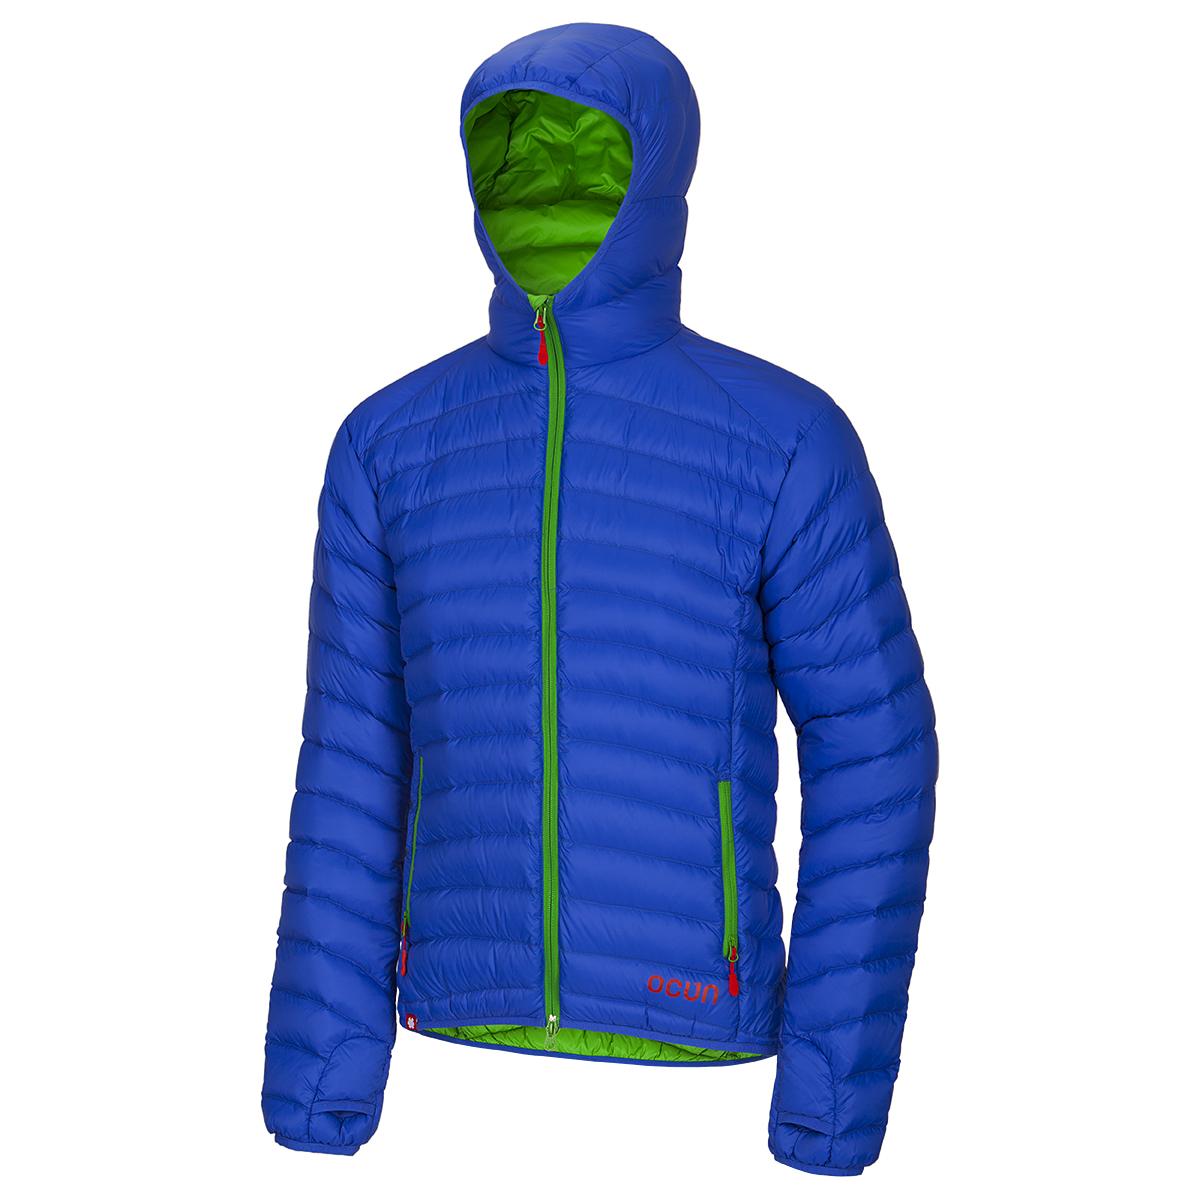 Ocún péřová bunda Tsunami Down Jacket Men Barva: Modrá, Velikost nebo typ: M